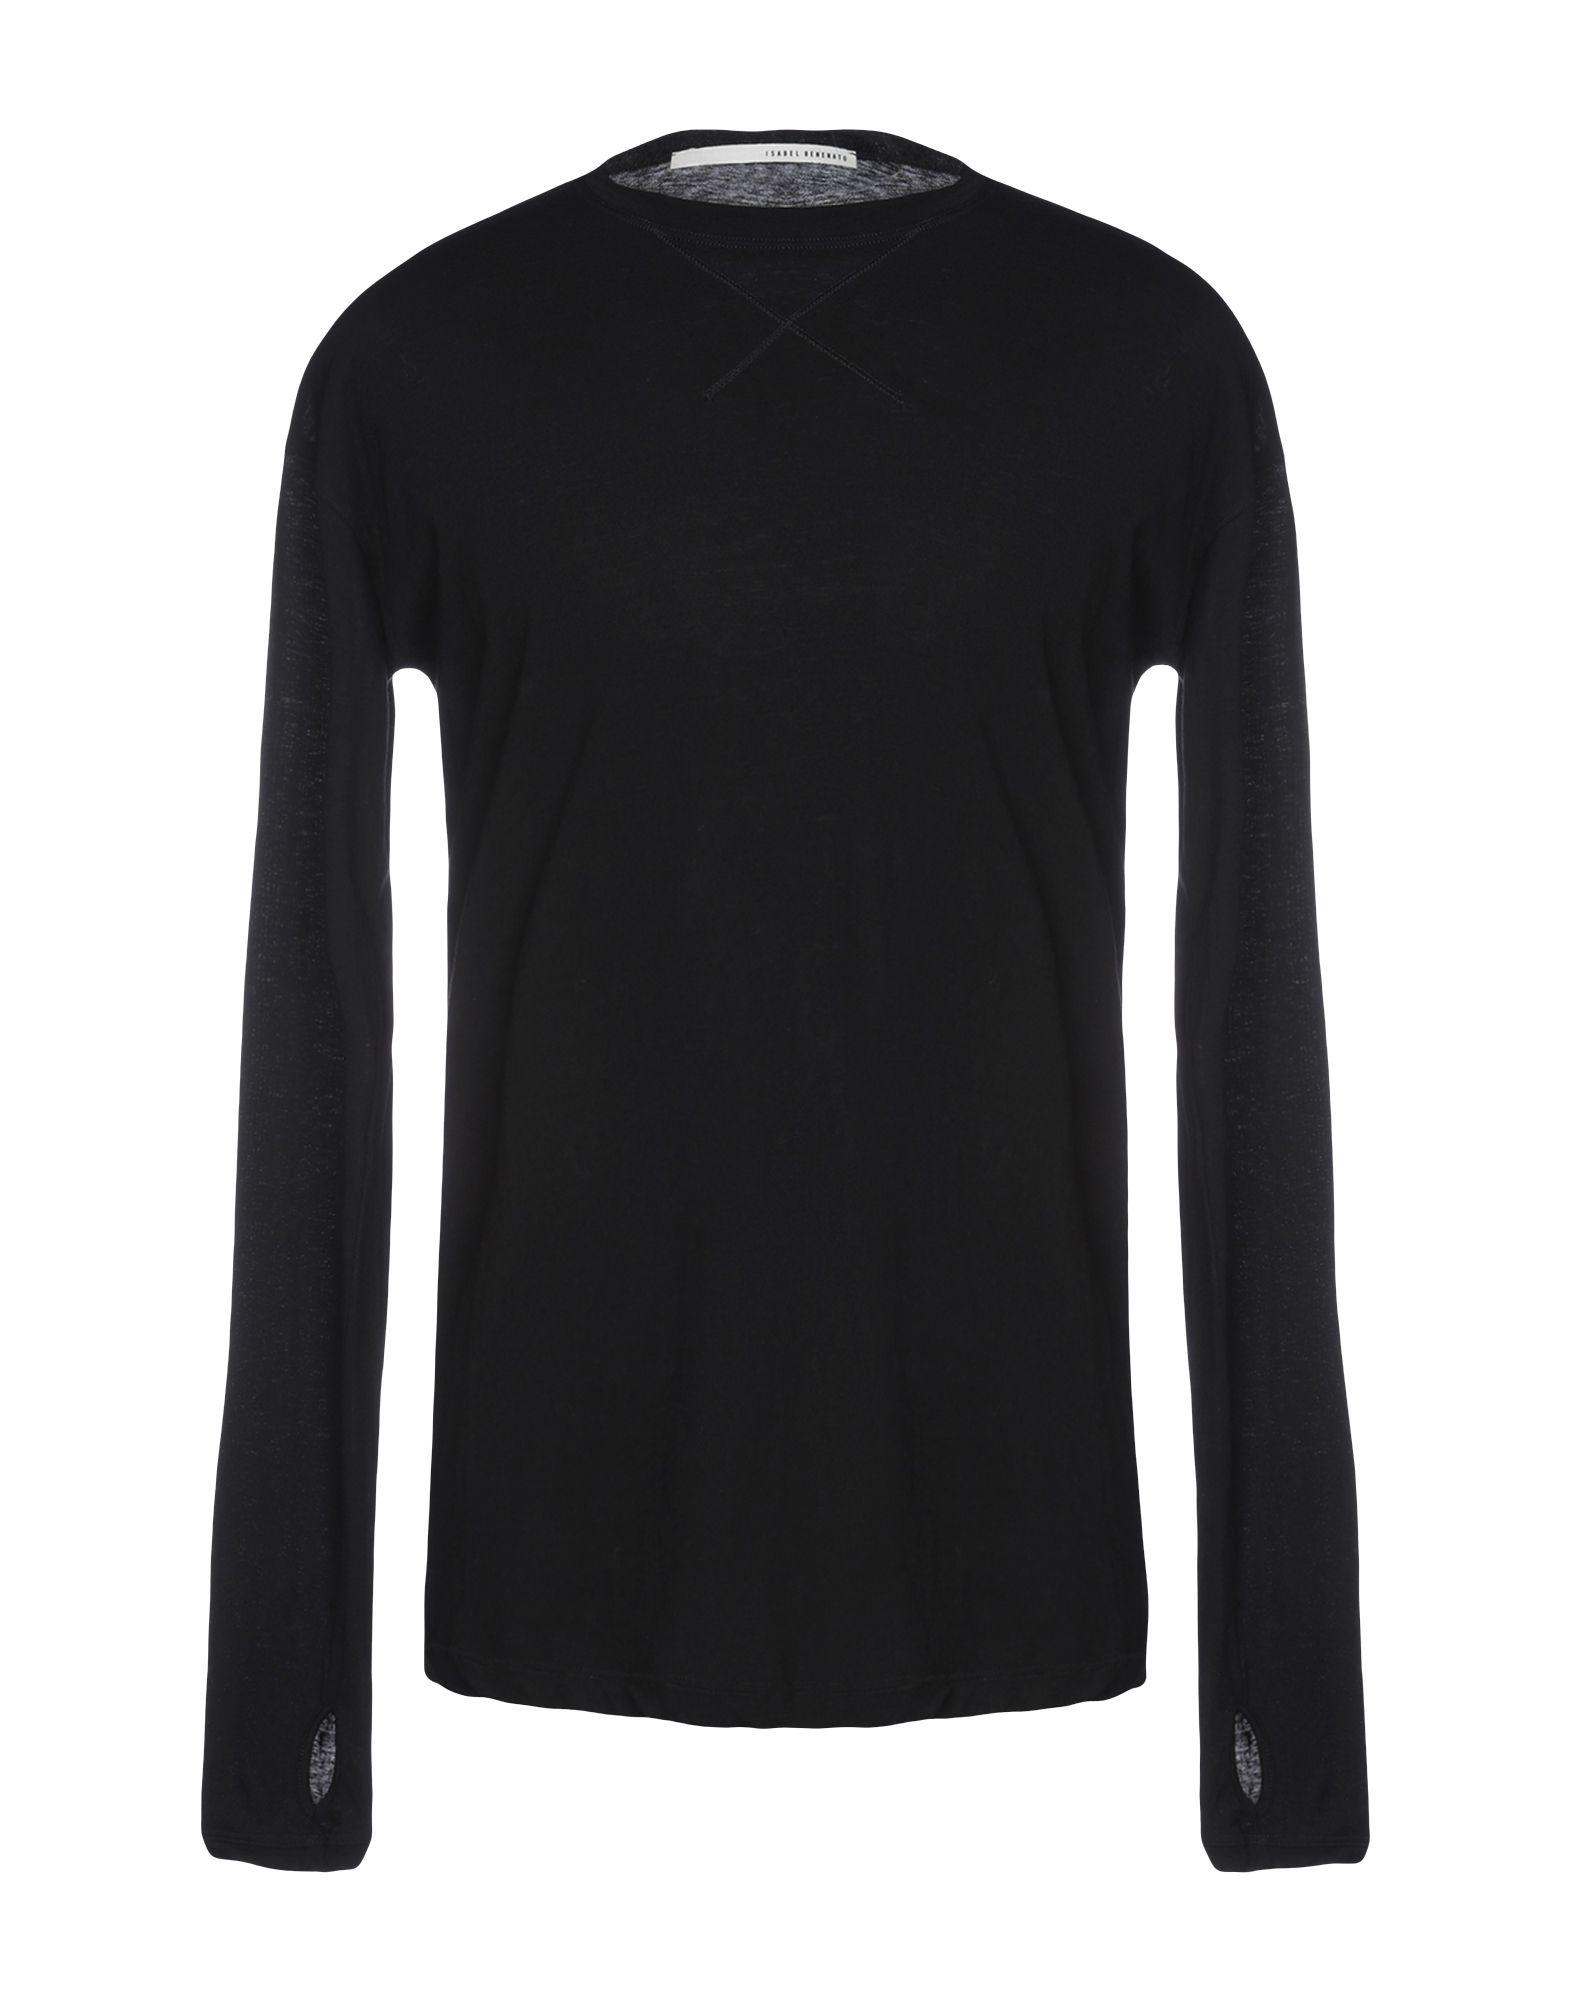 《送料無料》ISABEL BENENATO メンズ T シャツ ブラック S コットン 100%